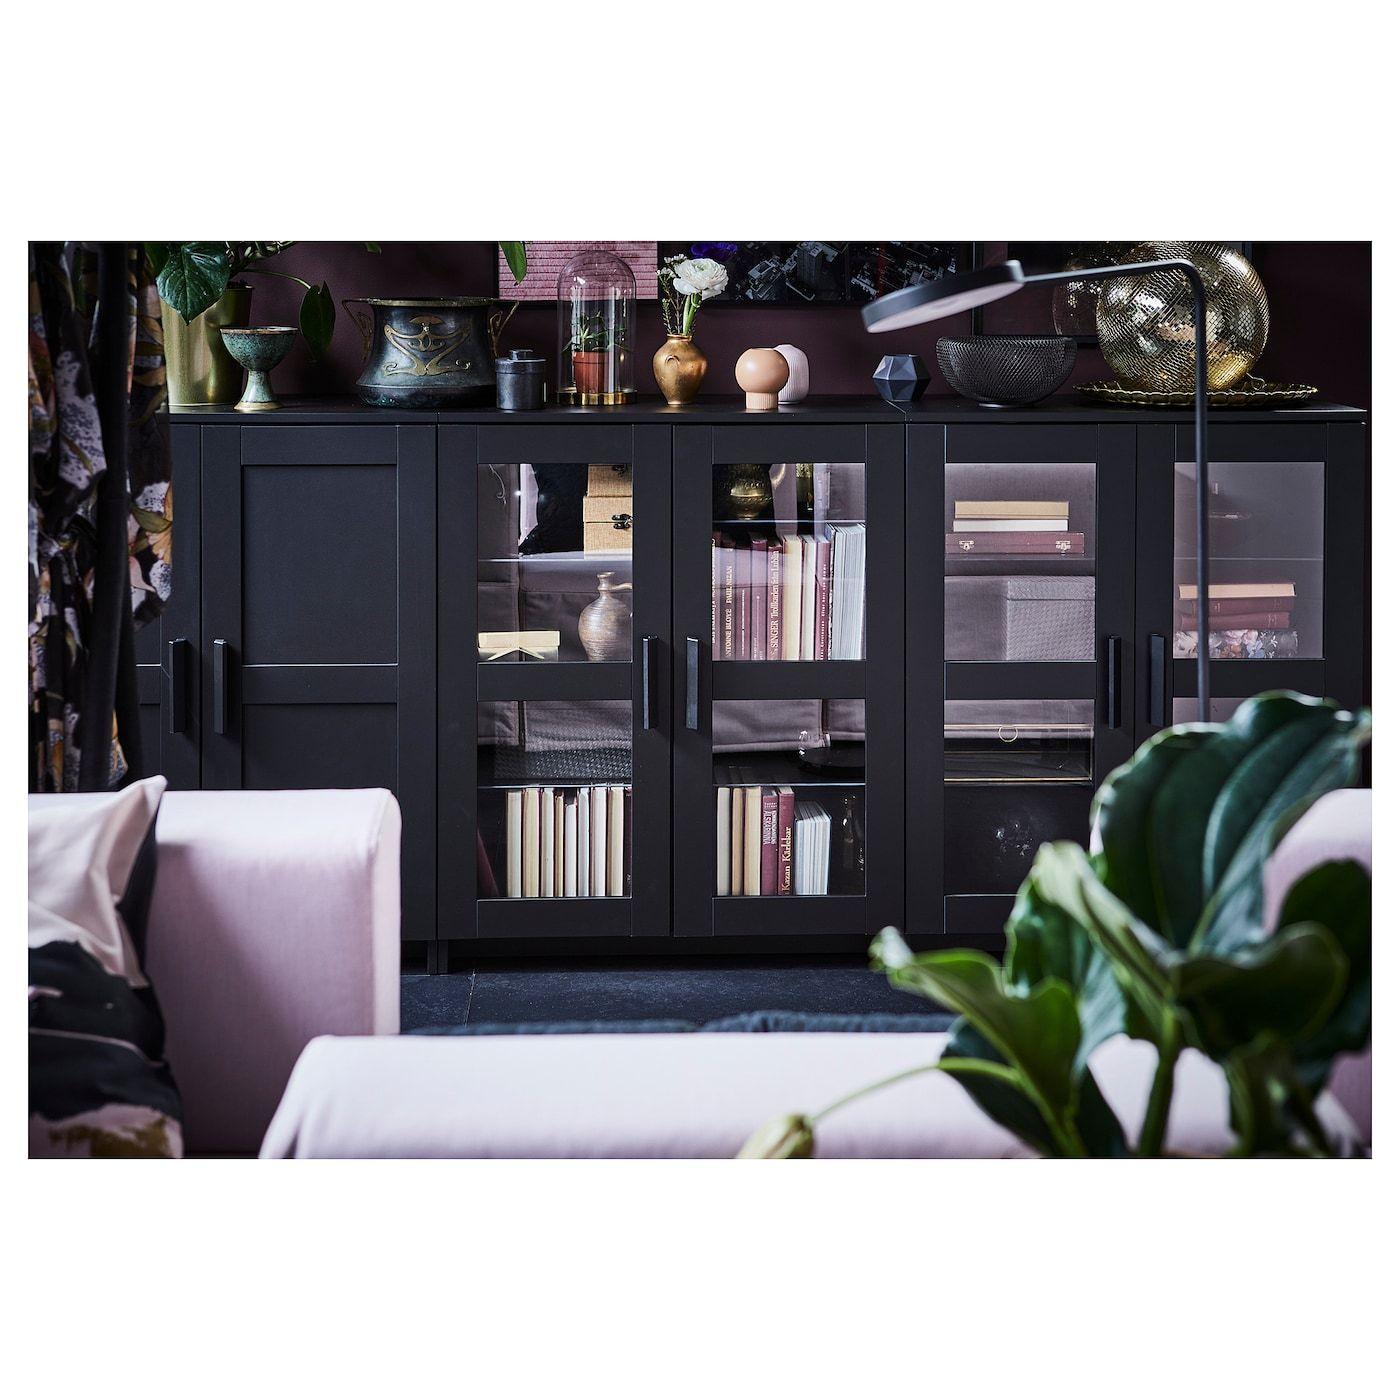 Brimnes Black Cabinet With Doors 78x95 Cm Ikea In 2020 Cabinet Doors Glass Cabinet Doors Trendy Living Rooms